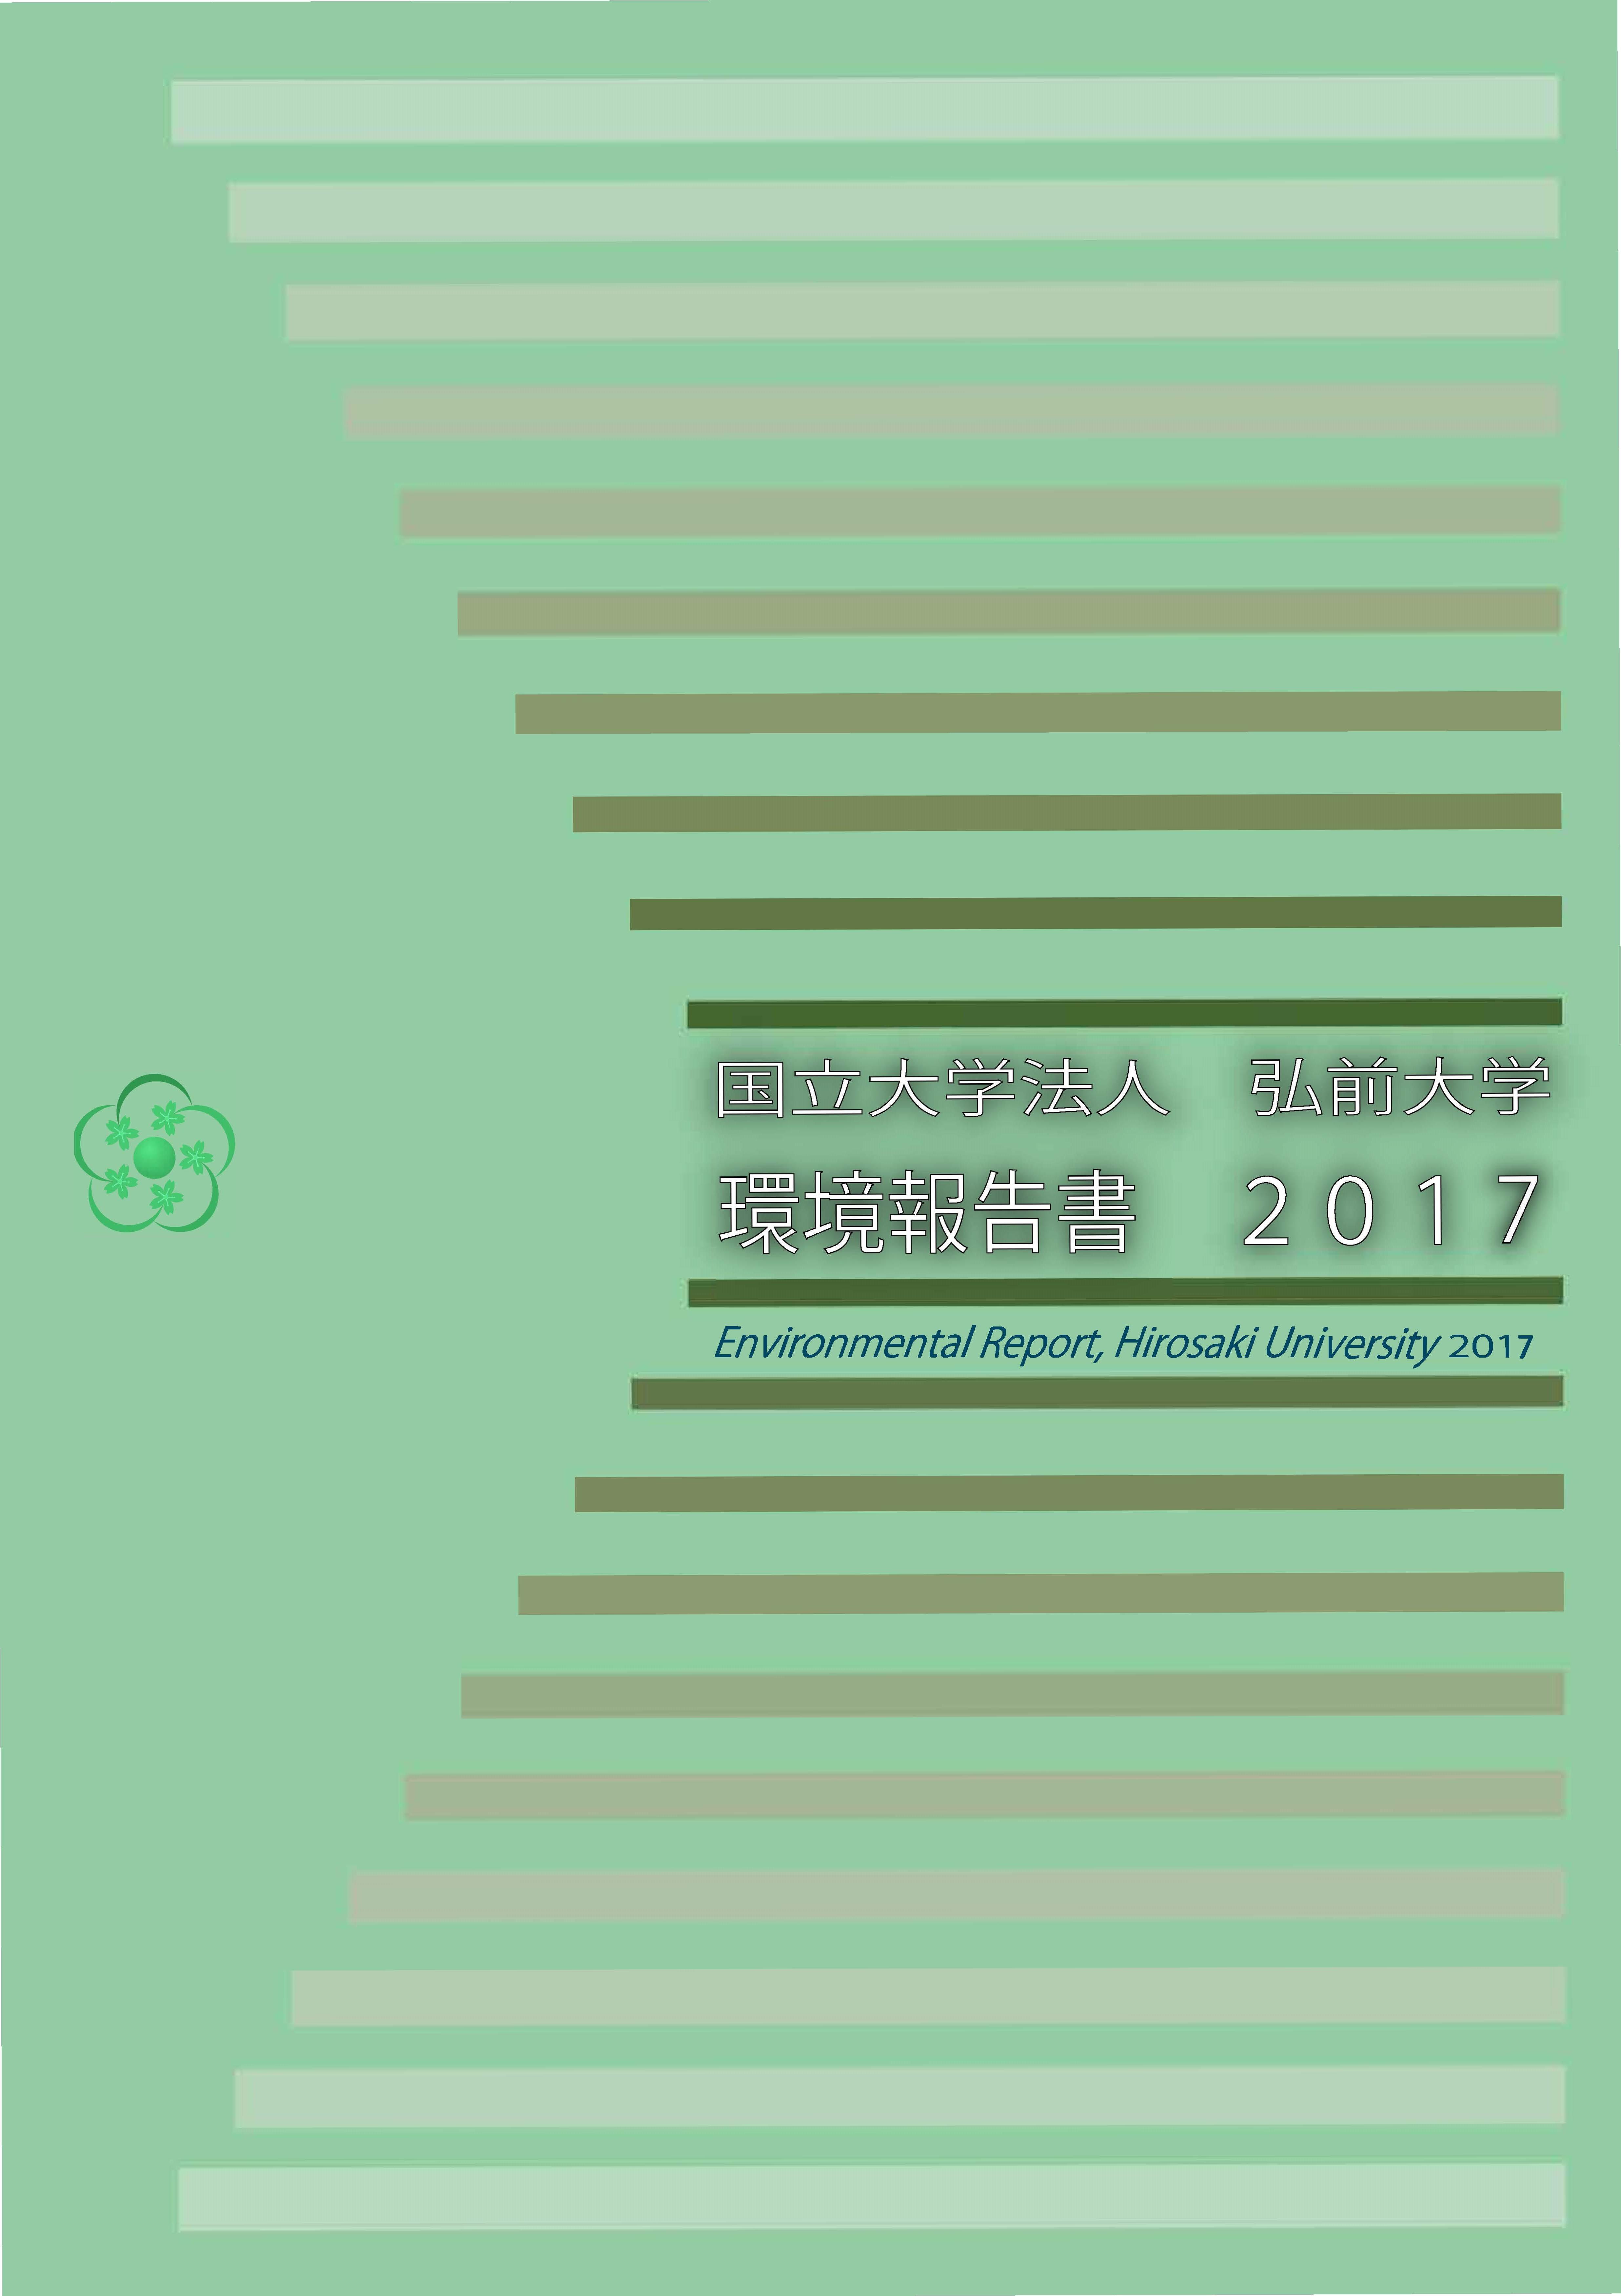 弘前大学環境報告書2017